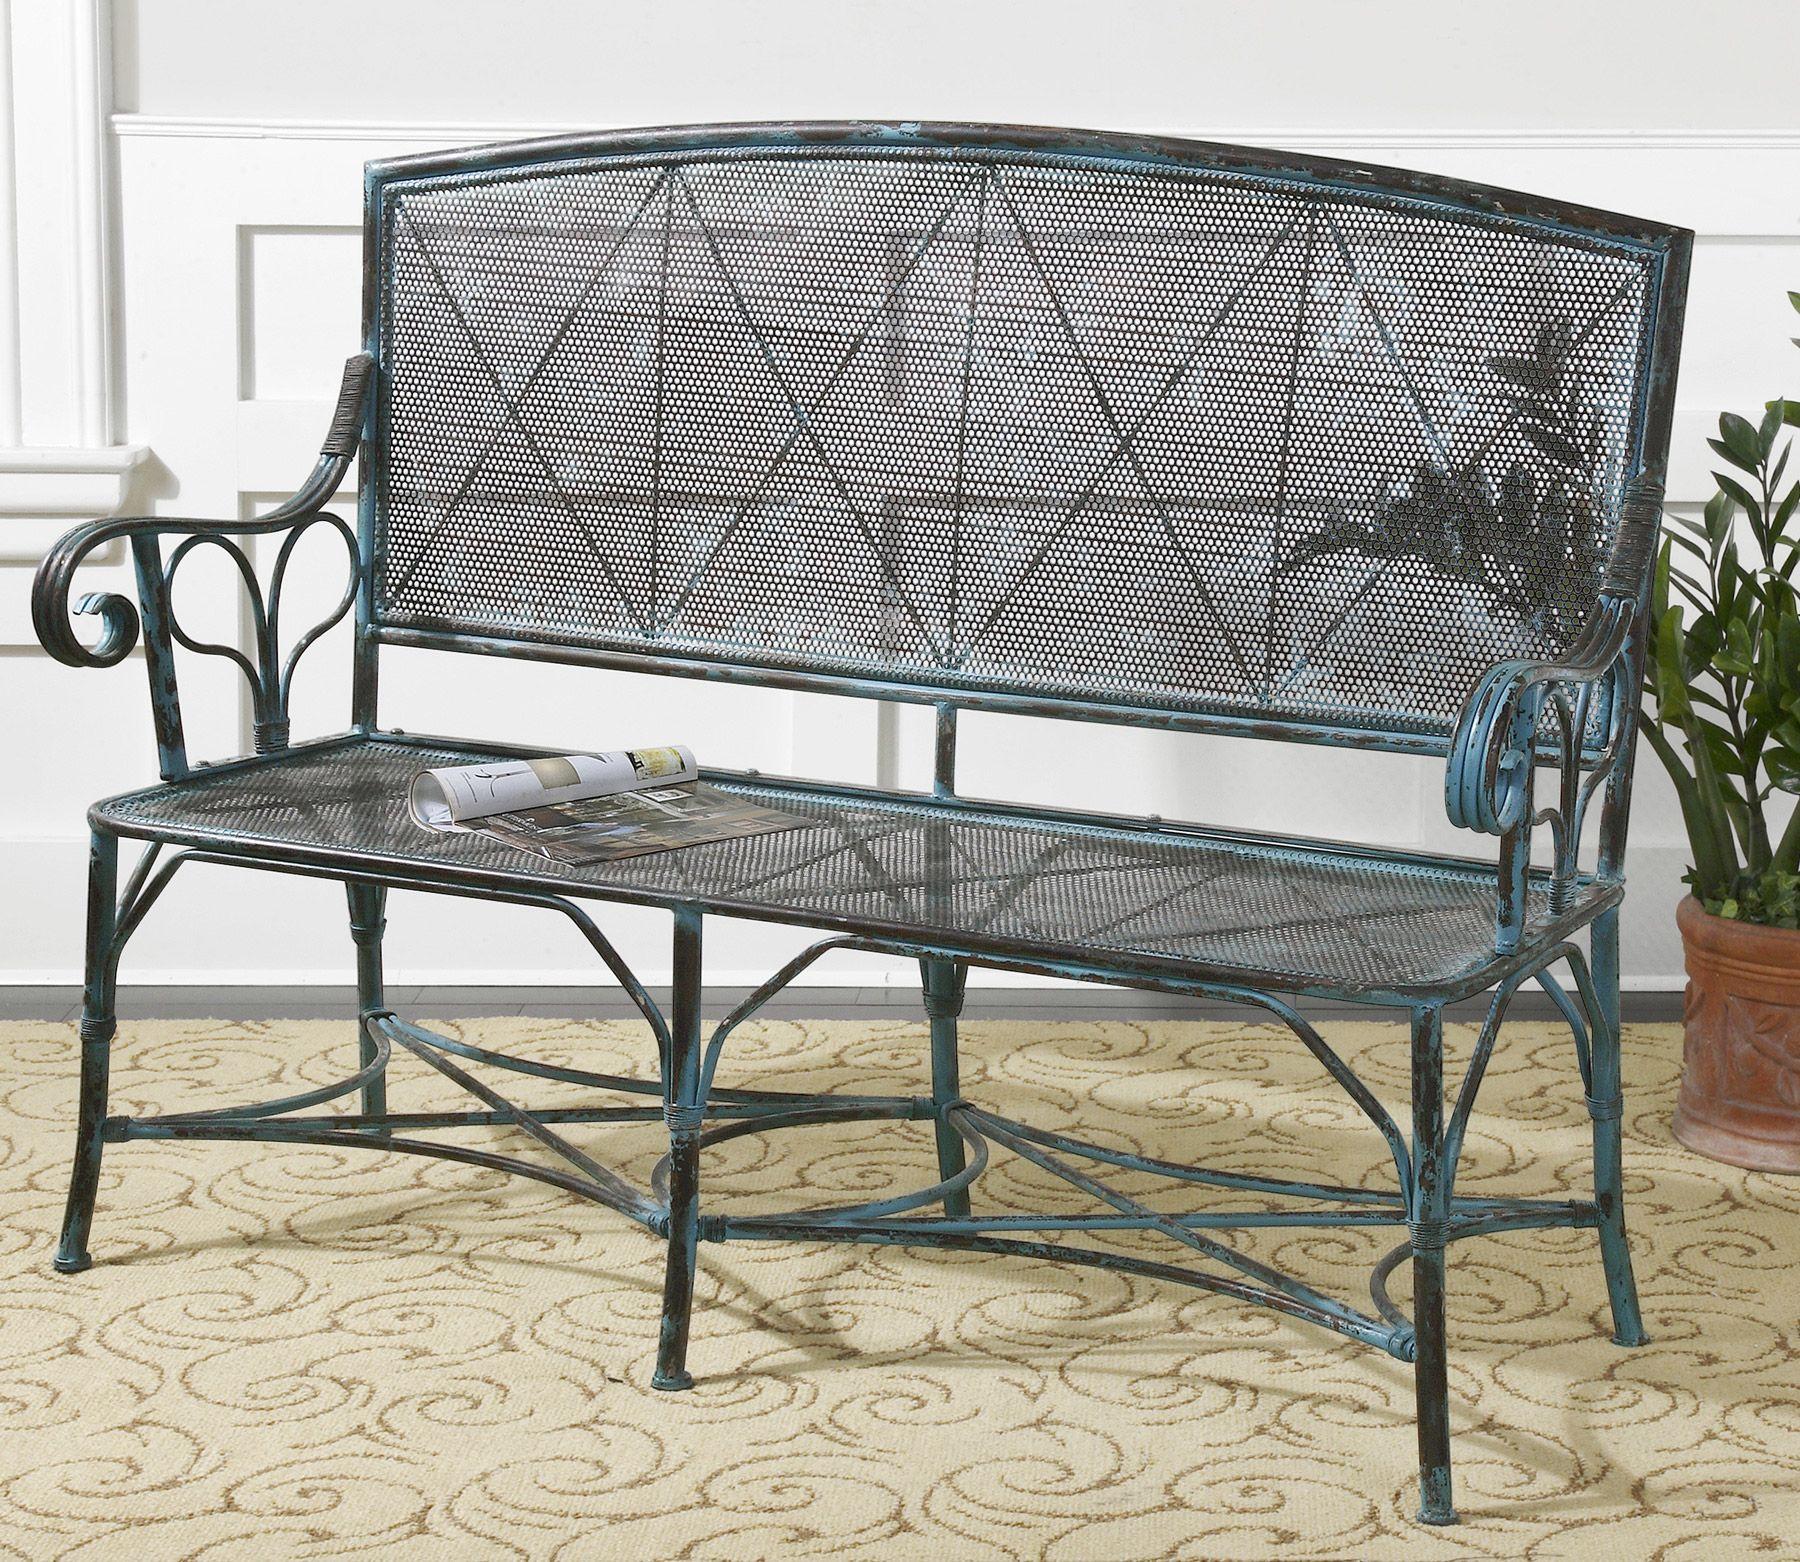 Кованая лавочка - практичный, оригинальный, красивый элемент мебели